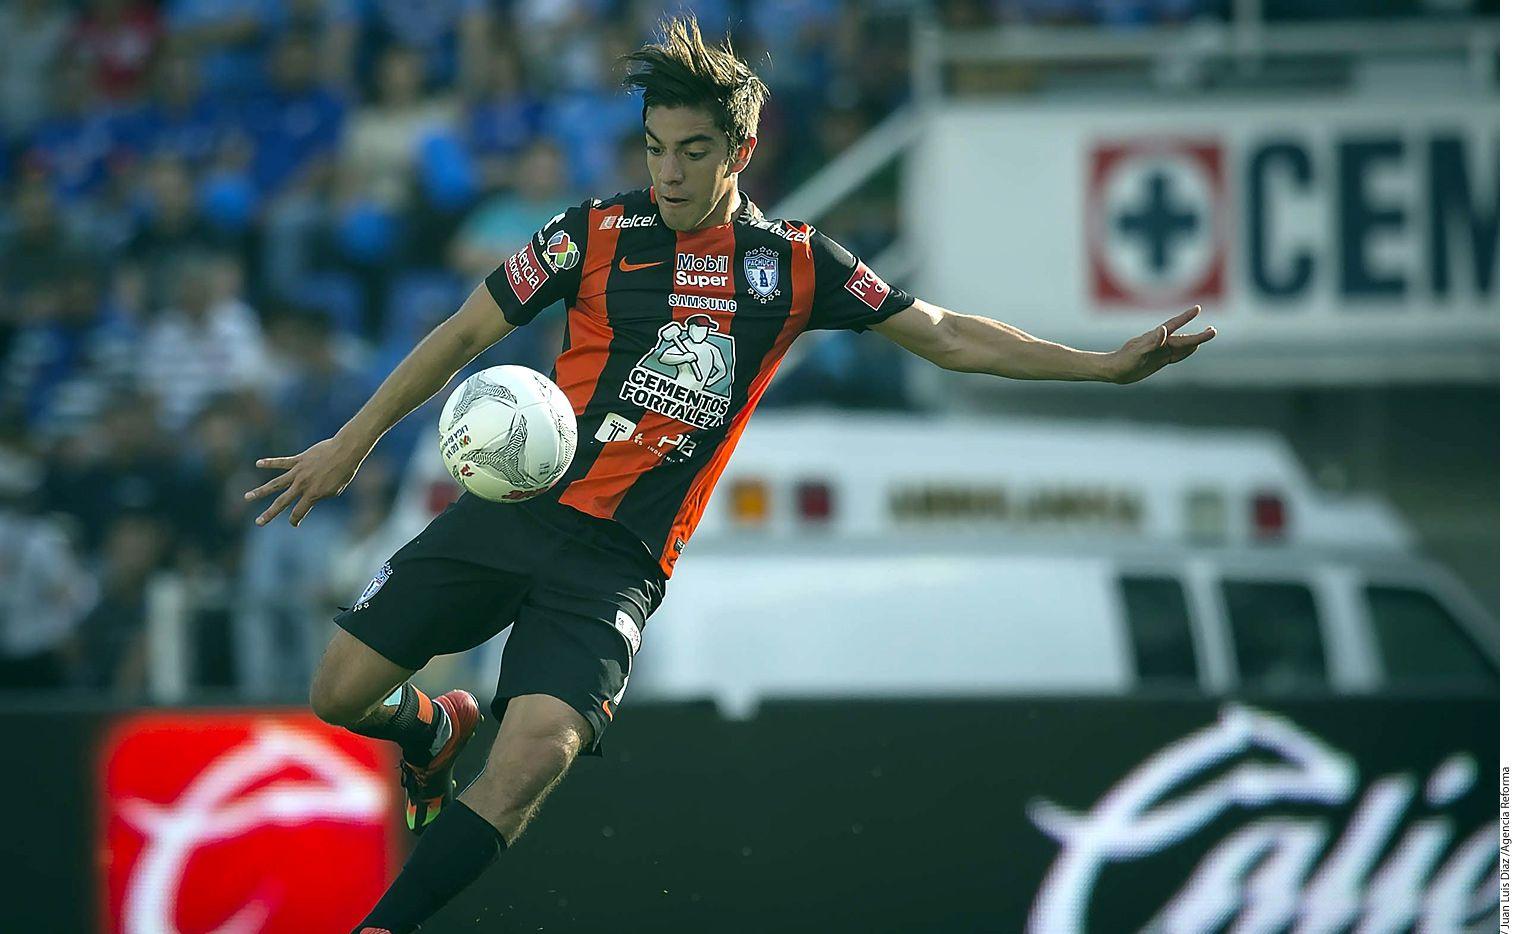 De 22 años de edad, Rodolfo Pizarro proviene de la cantera del Pachuca, conjunto con el que debutó a los 18 años, lleva nueve torneos jugados en Primera División y fue pieza clave en el campeonato conseguido en el Clausura 2016. AGENCIA REFORMA